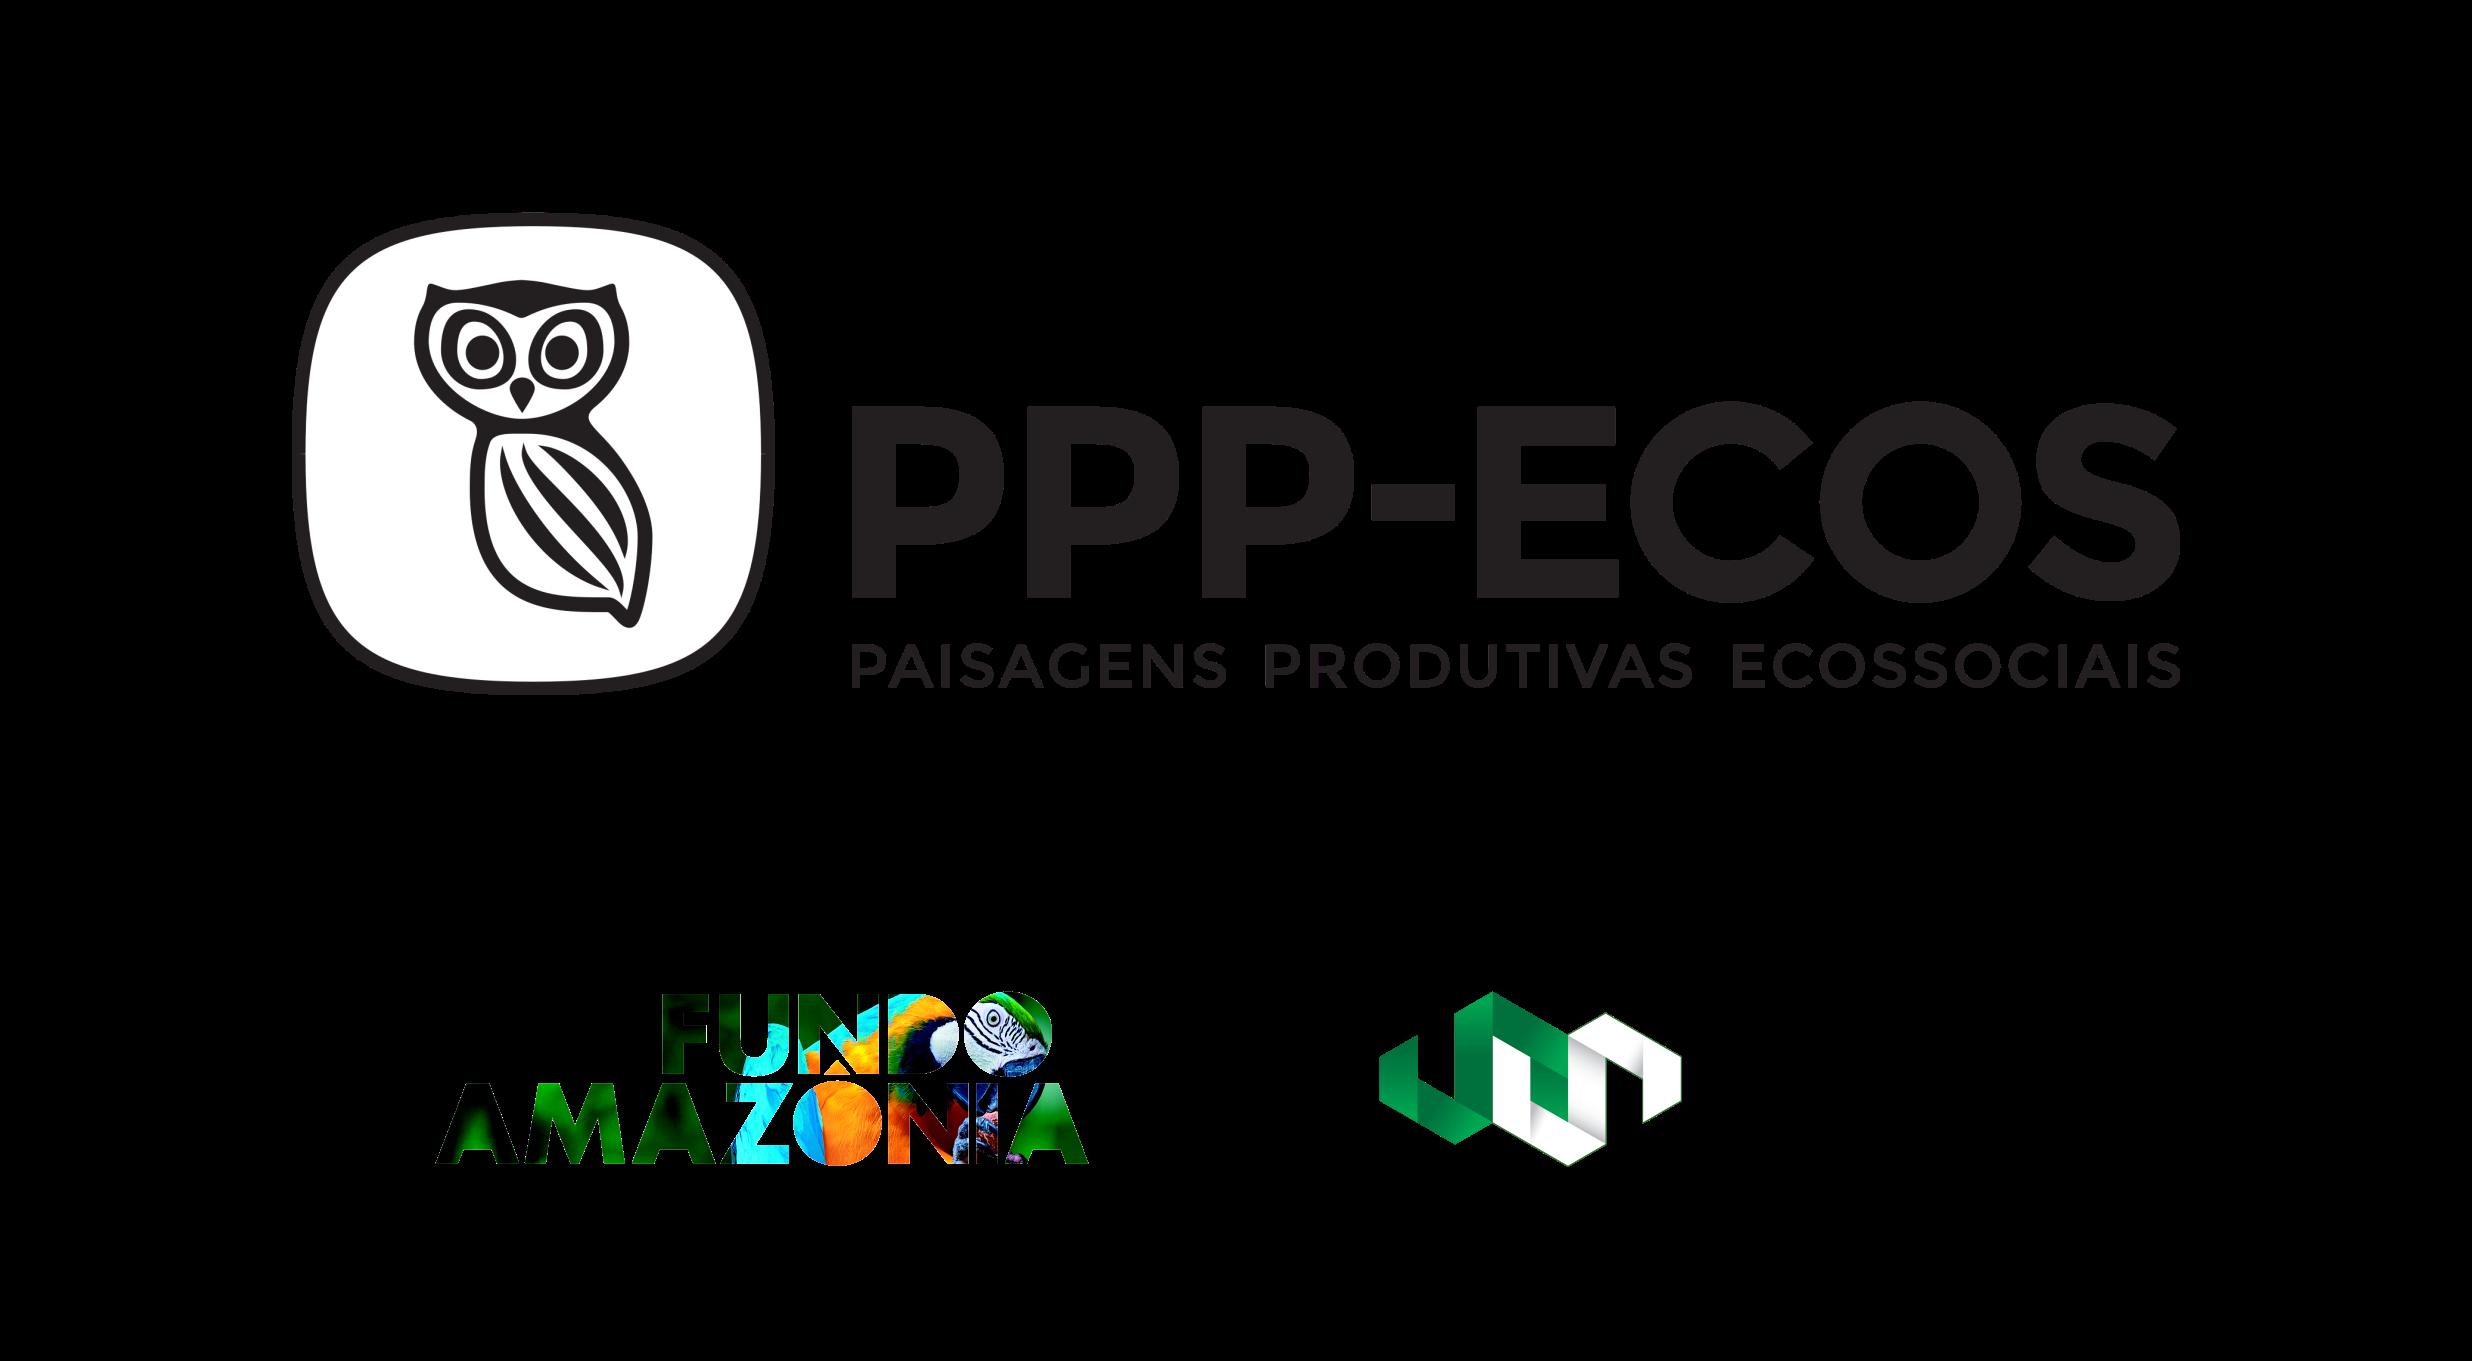 bateria de logos do ppp ecos com fundo amazônia e ISPN